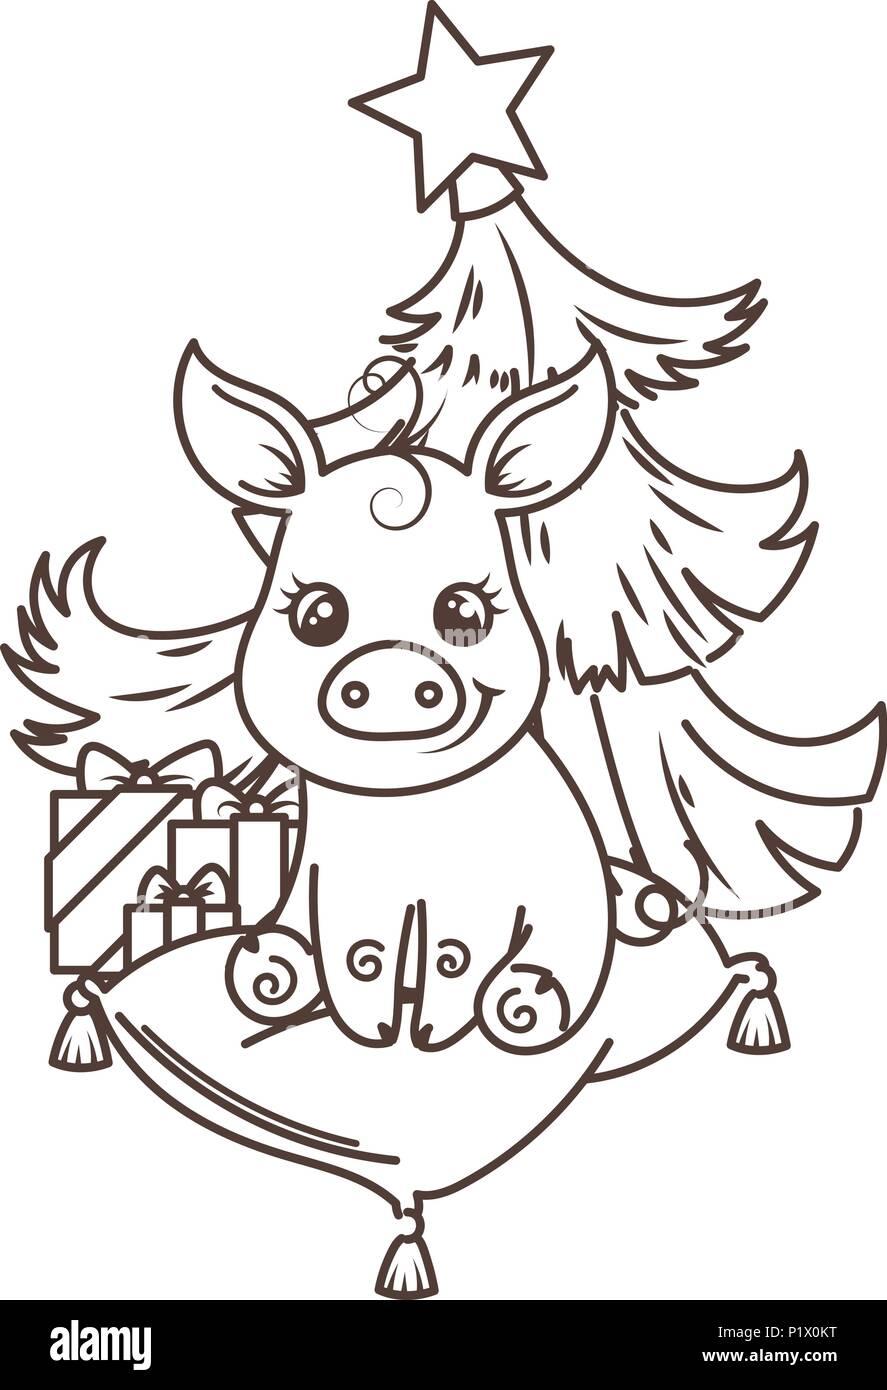 Charmant Grund Schwein Färbung Seite Bilder - Druckbare Malvorlagen ...